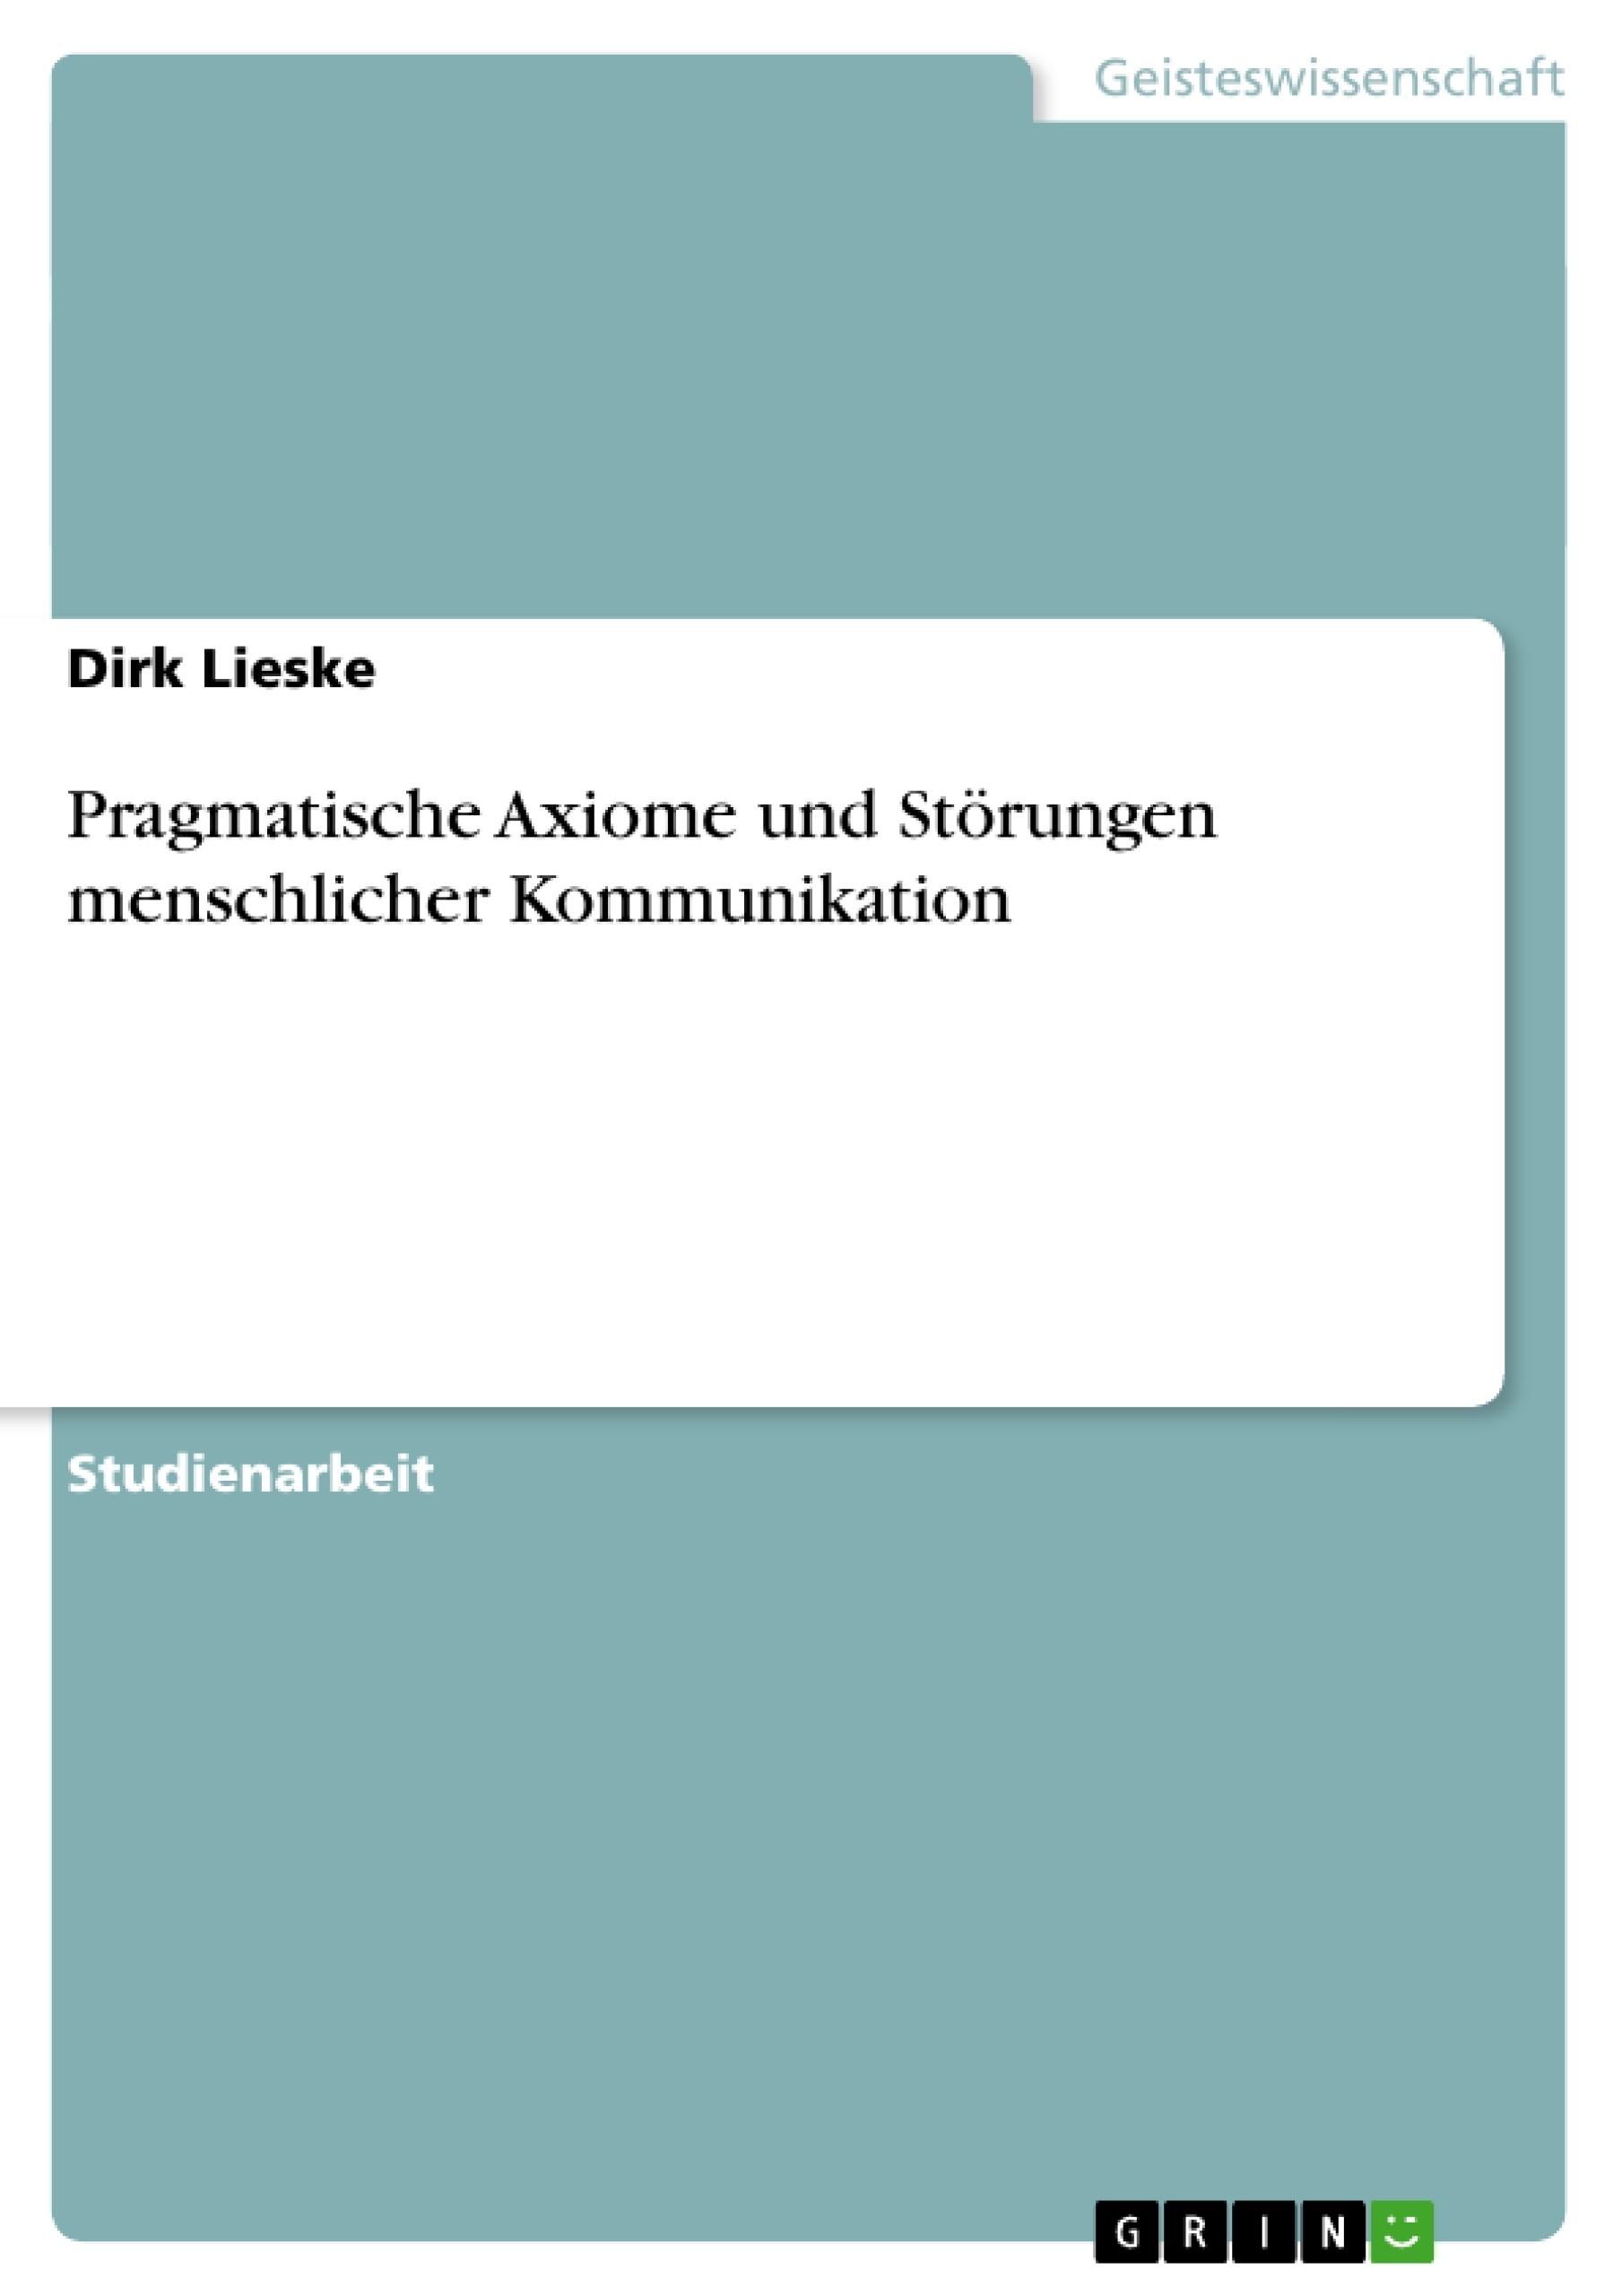 Titel: Pragmatische Axiome und Störungen menschlicher Kommunikation